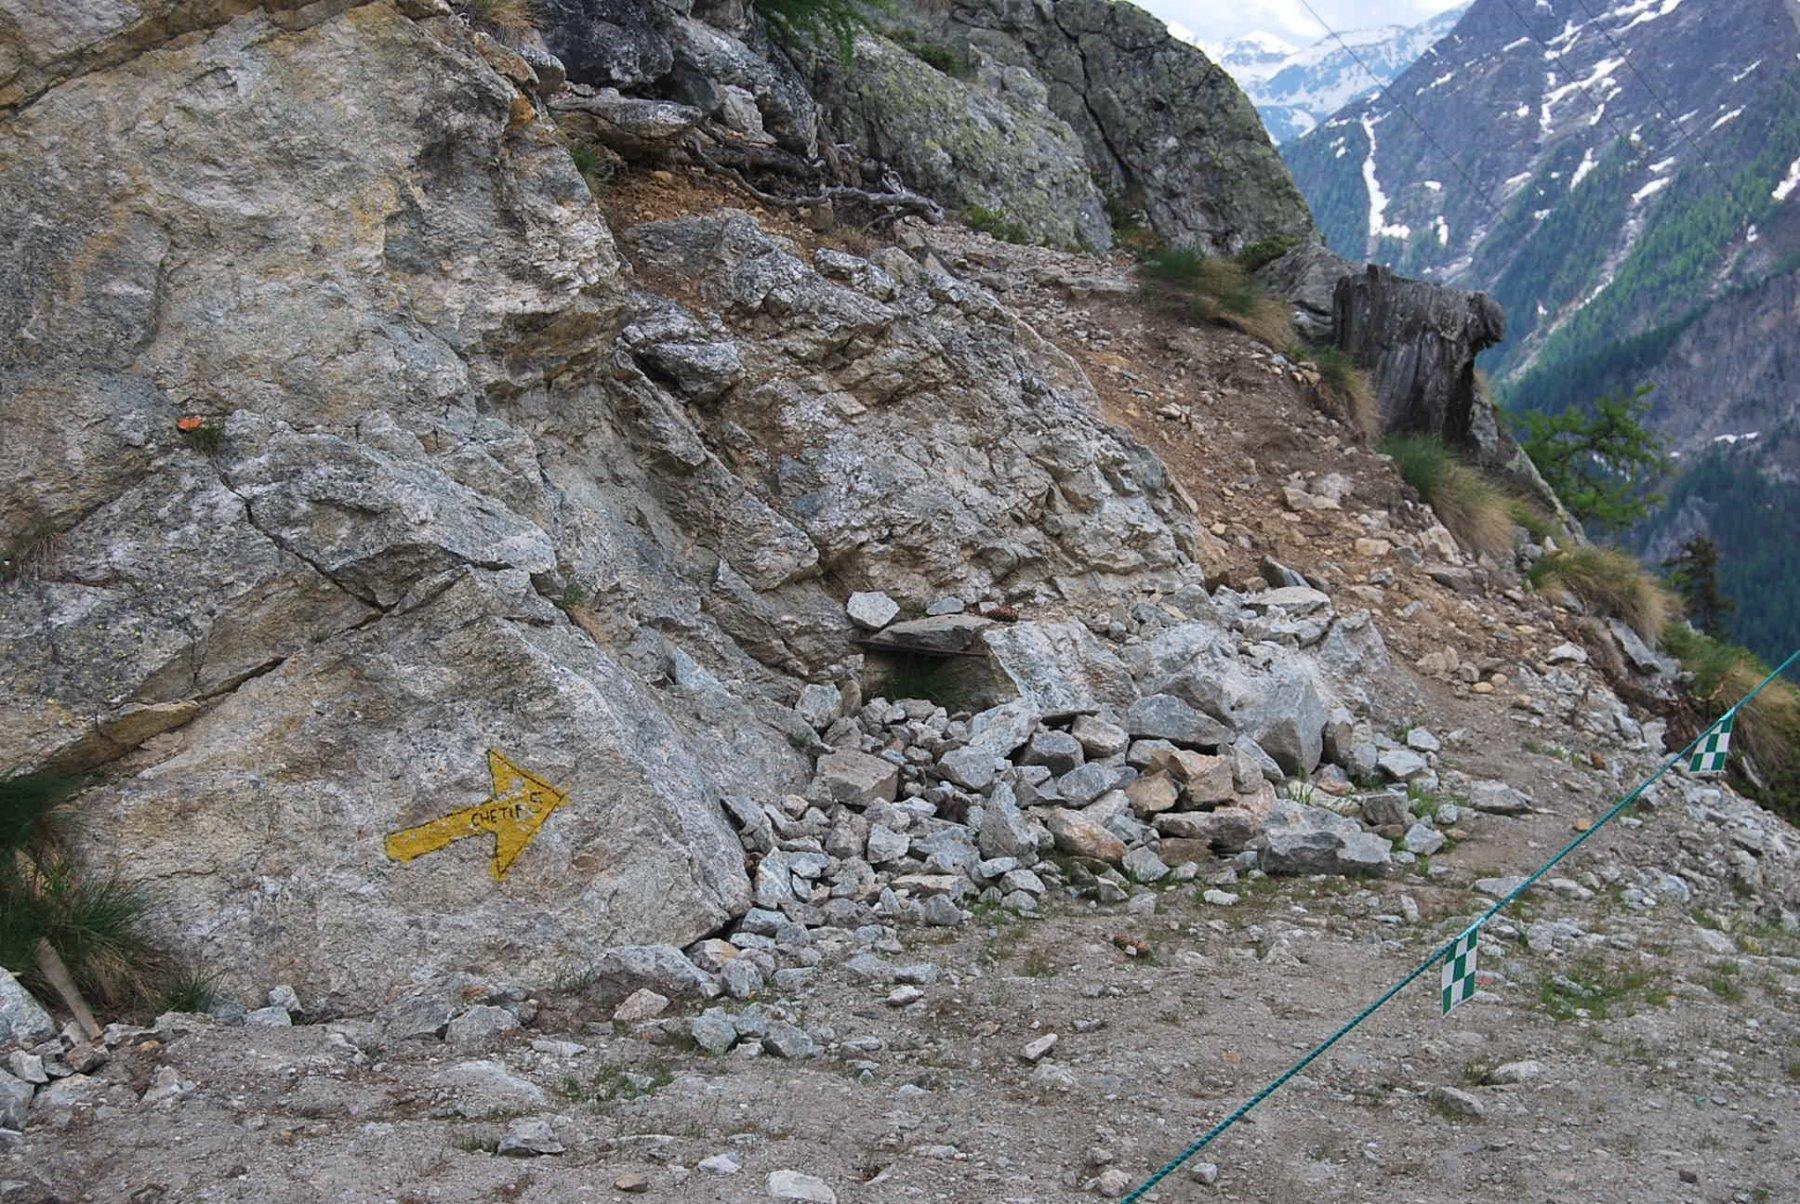 Lo stacco del sentiero 5 proprio sotto l'arrivo della seggiovia Courba Dzeleuna